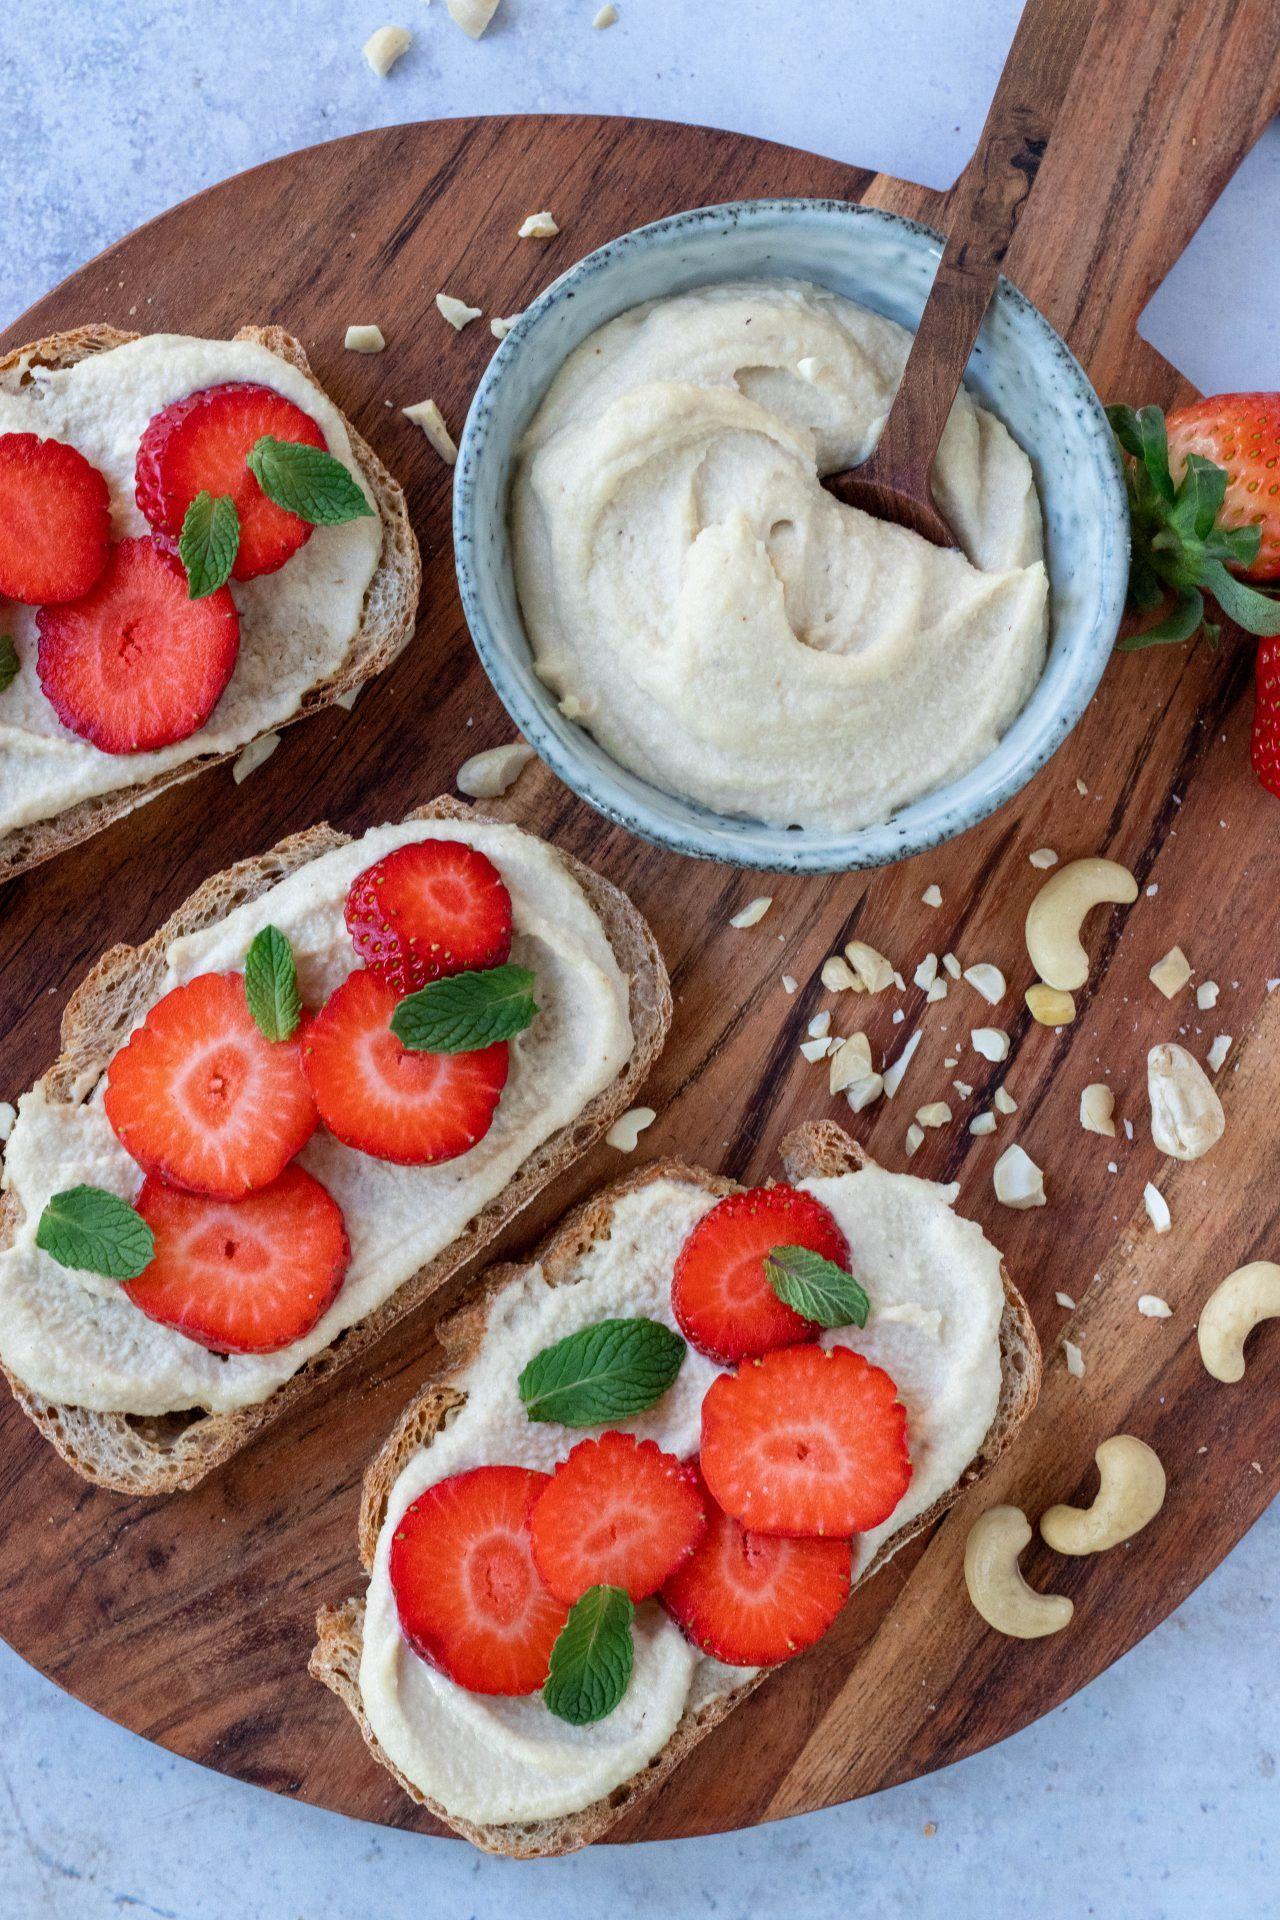 Toast met aardbeien en cashew cream #veganlunch #easter #pasen #veganeaster #cashewcream #brunch #dairyfree #lactosevrij #paasrecepten #healthybreakfast